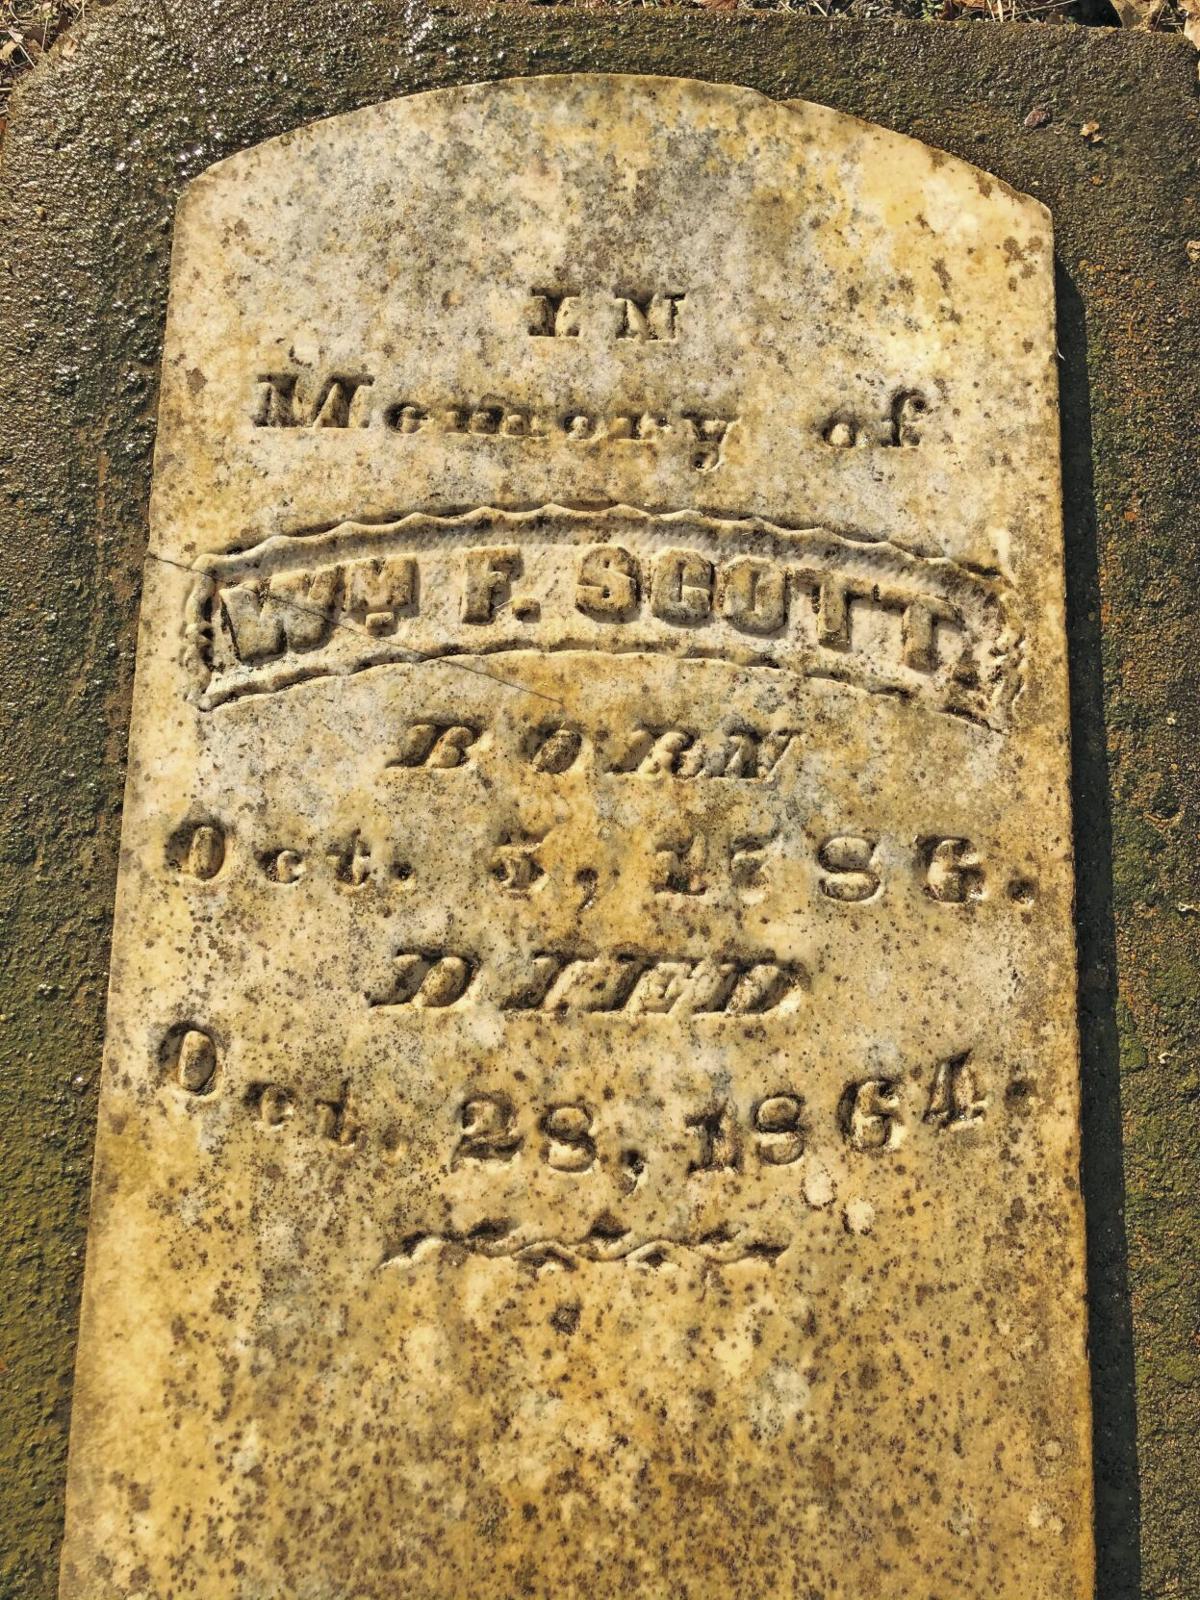 William F. Scott